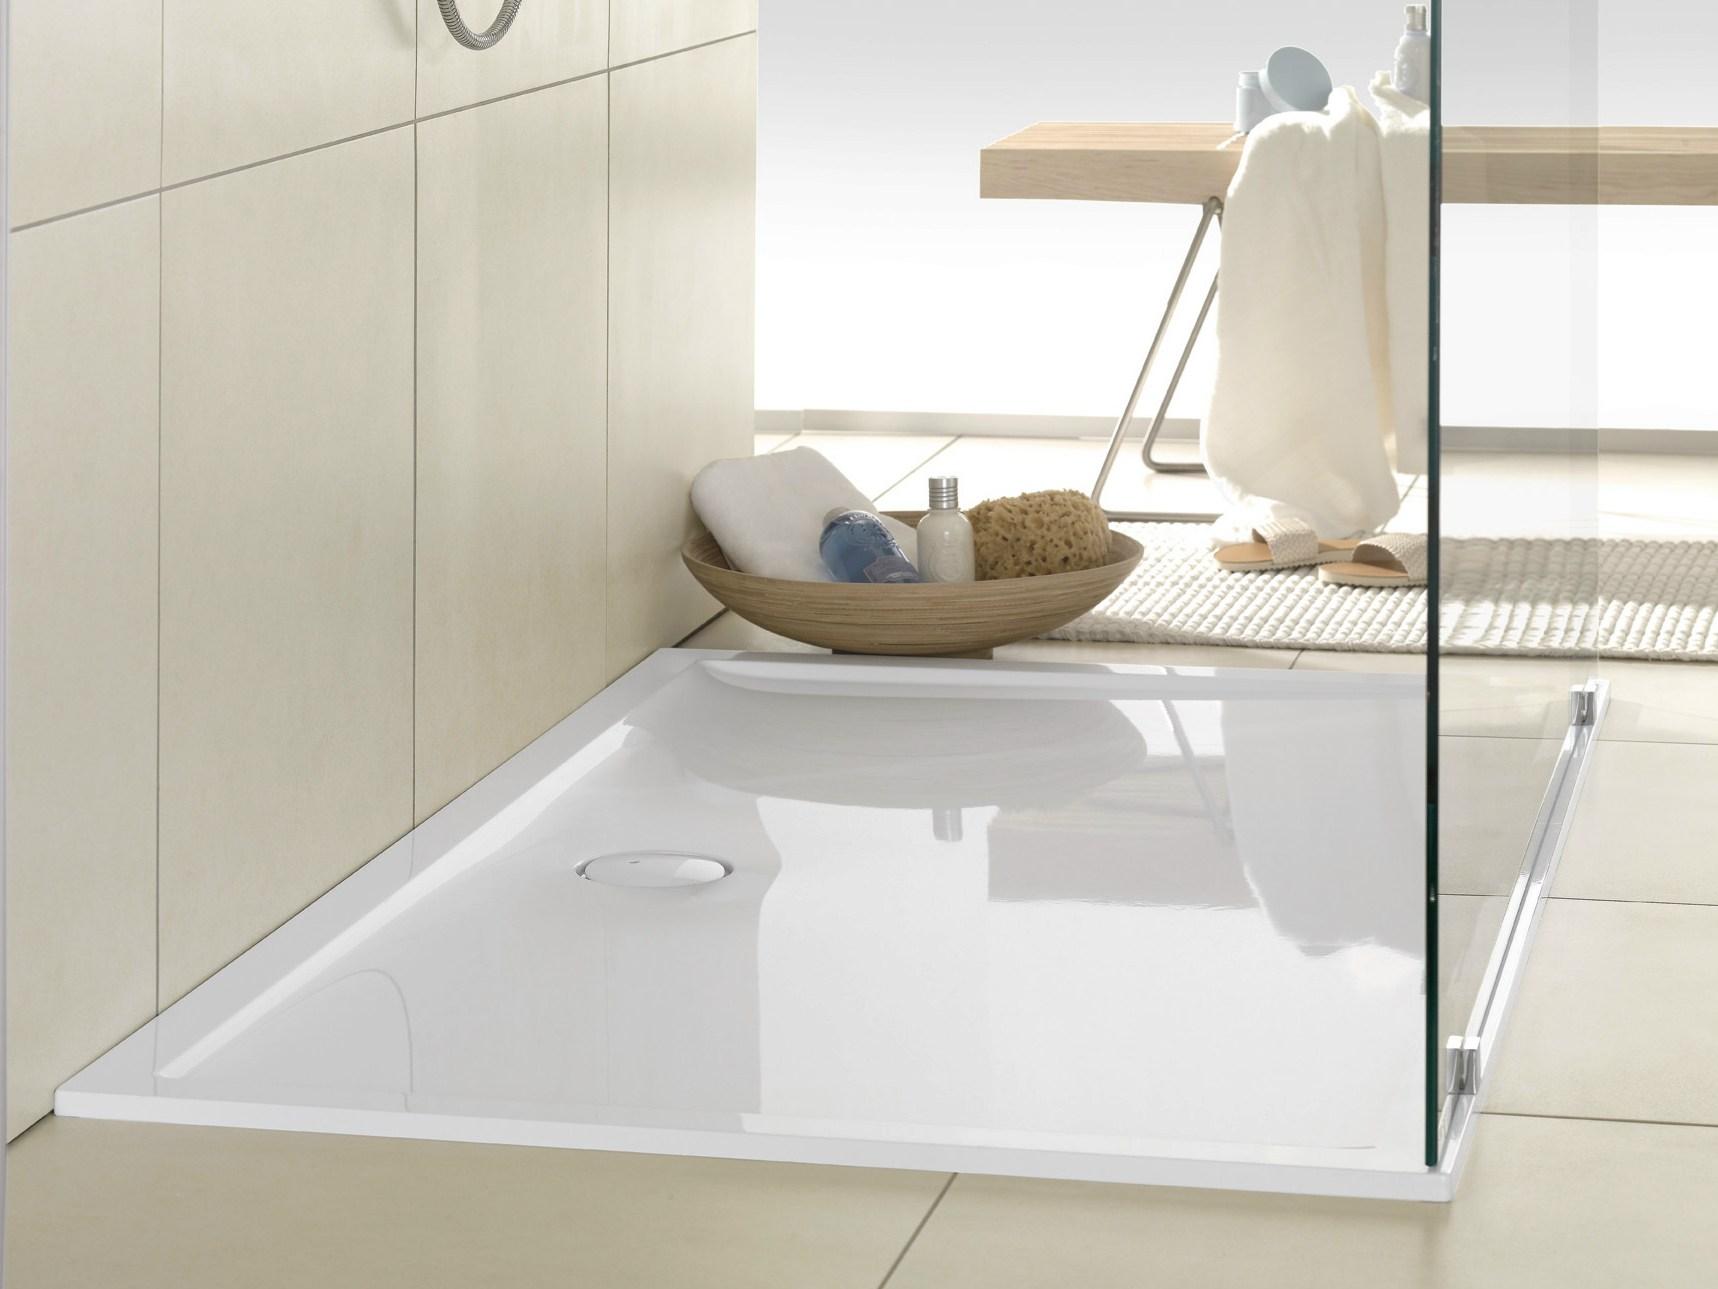 douchevloeren douchebakken startpagina voor badkamer ideeà n uw